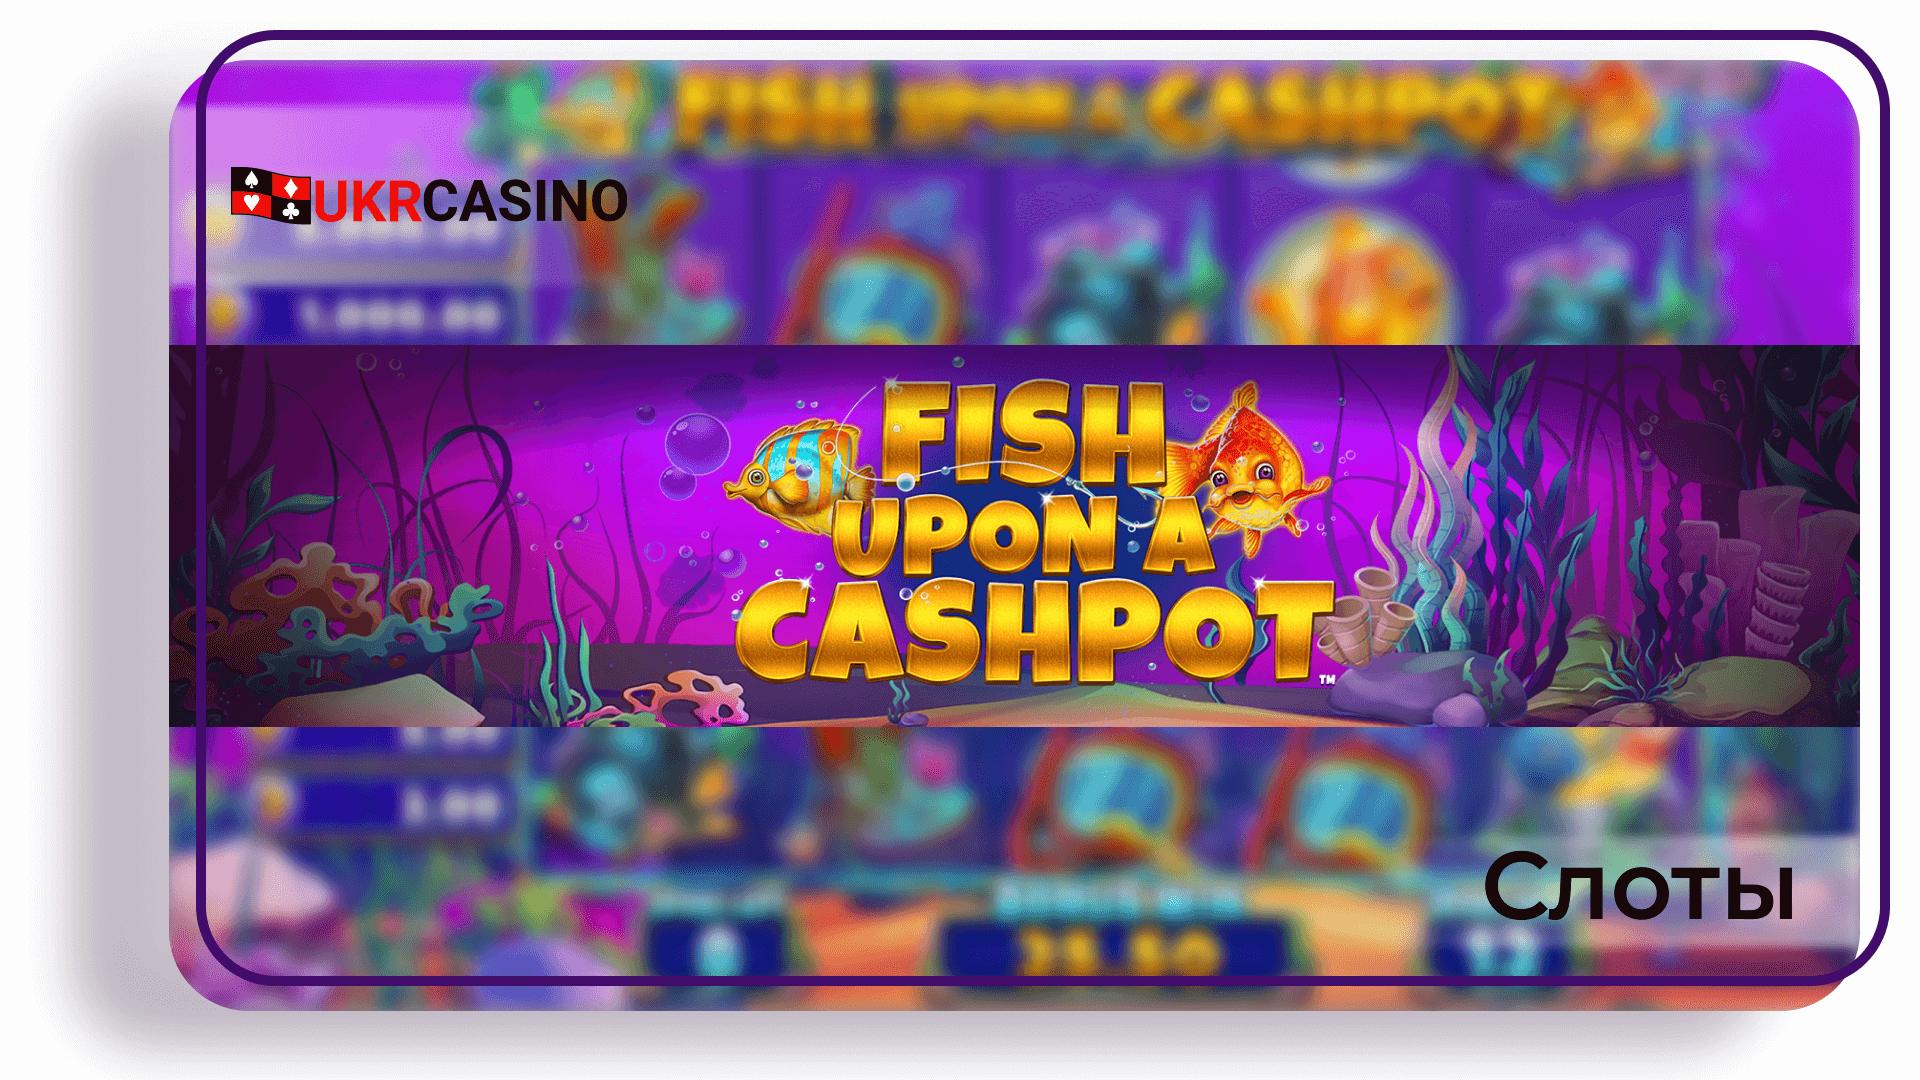 Fish Upon a Cashpot - Blueprint Gaming